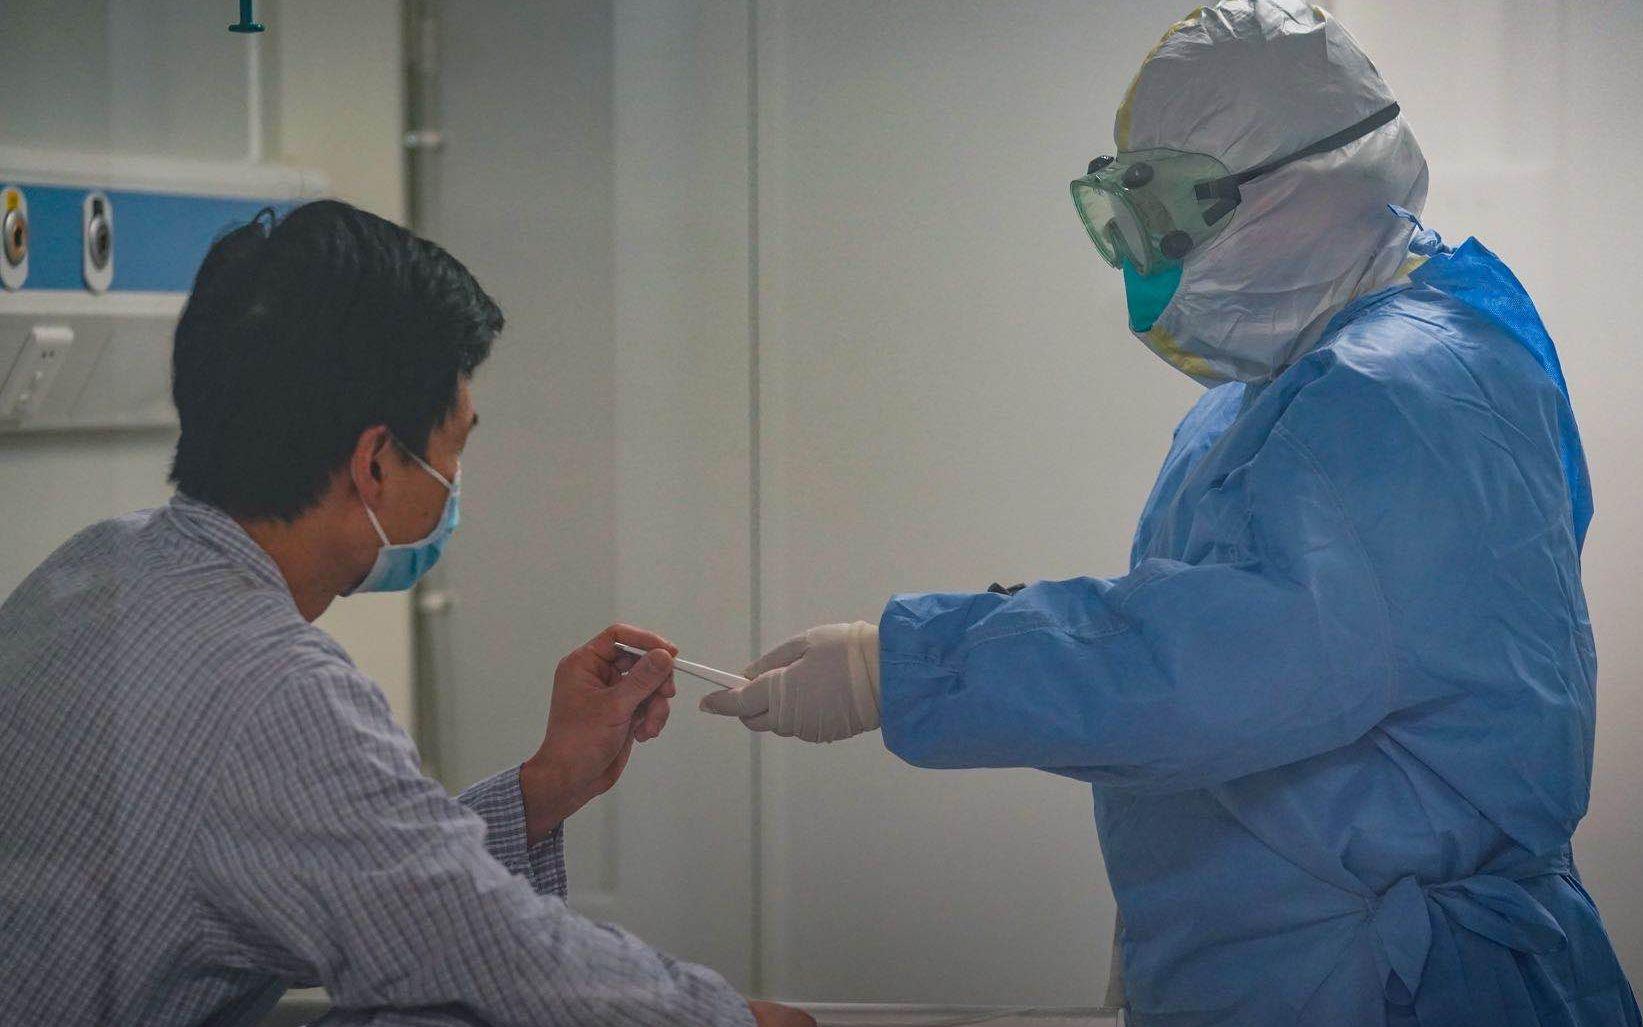 """【雅虎搜索】_北京地坛医院专家:个别患者出现""""非典型""""症状"""